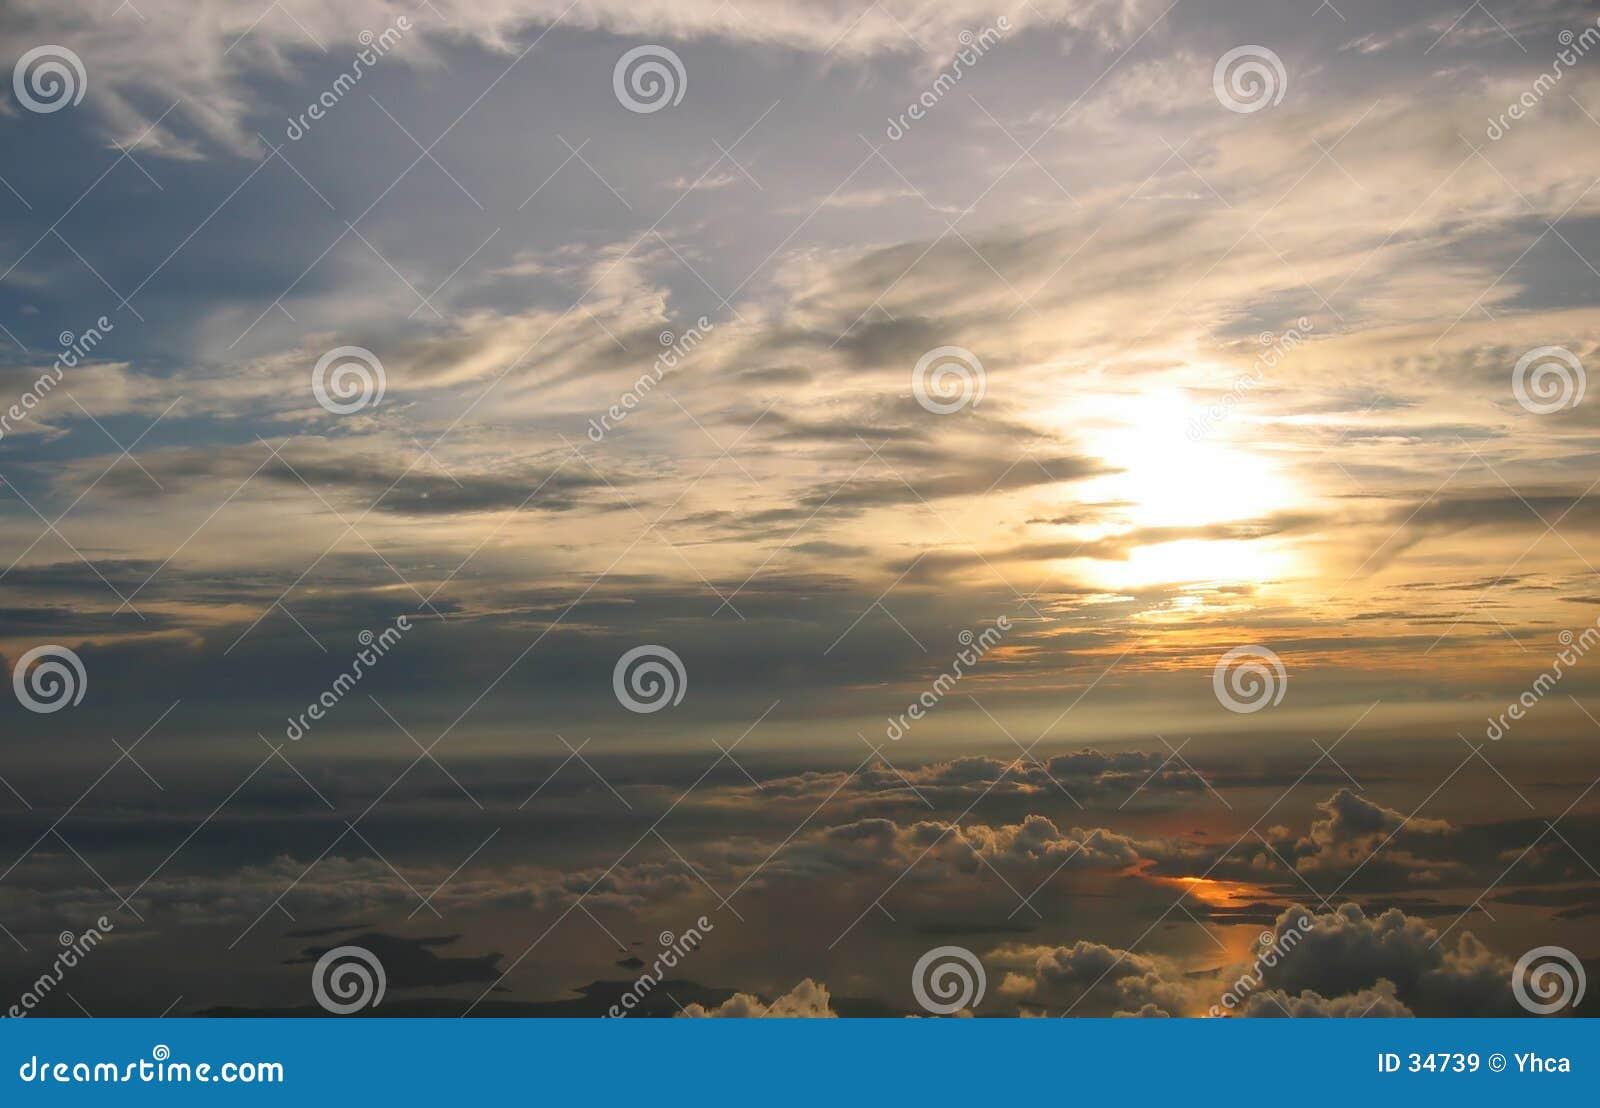 Sunrise over cloudscape